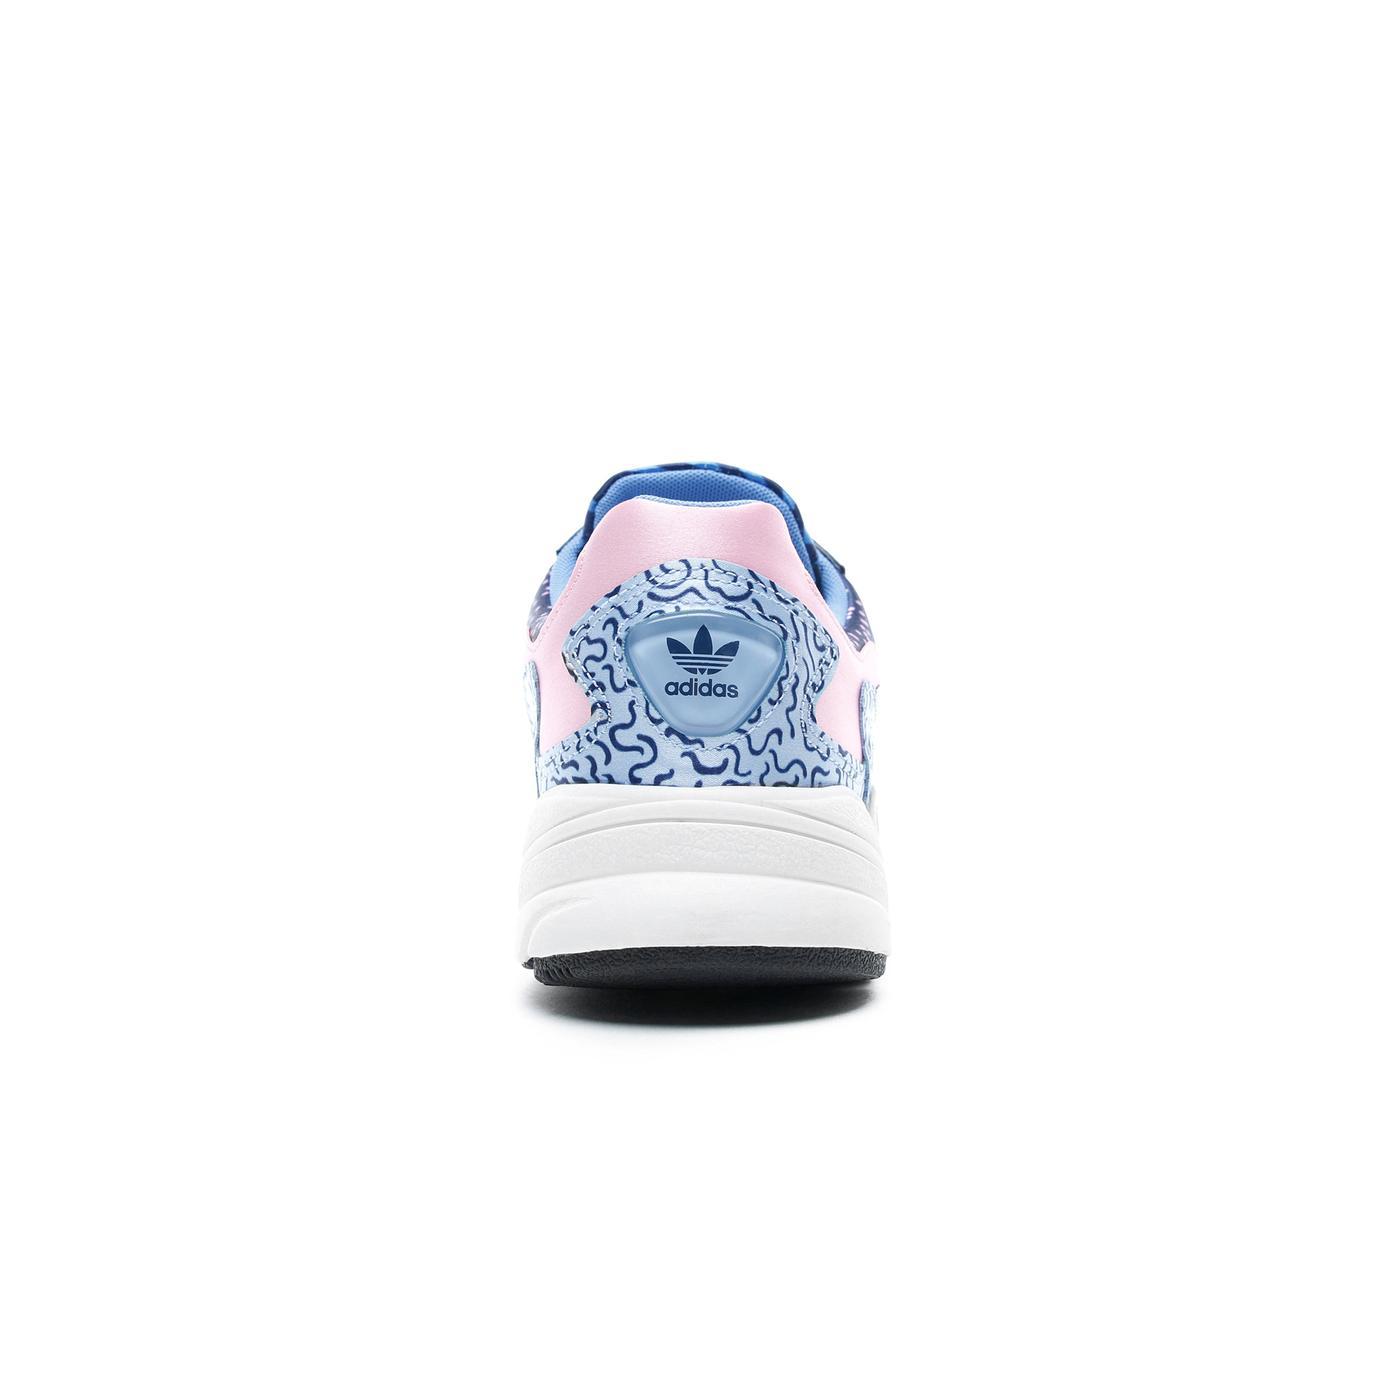 adidas Falcon Kadın Lacivert Spor Ayakkabı